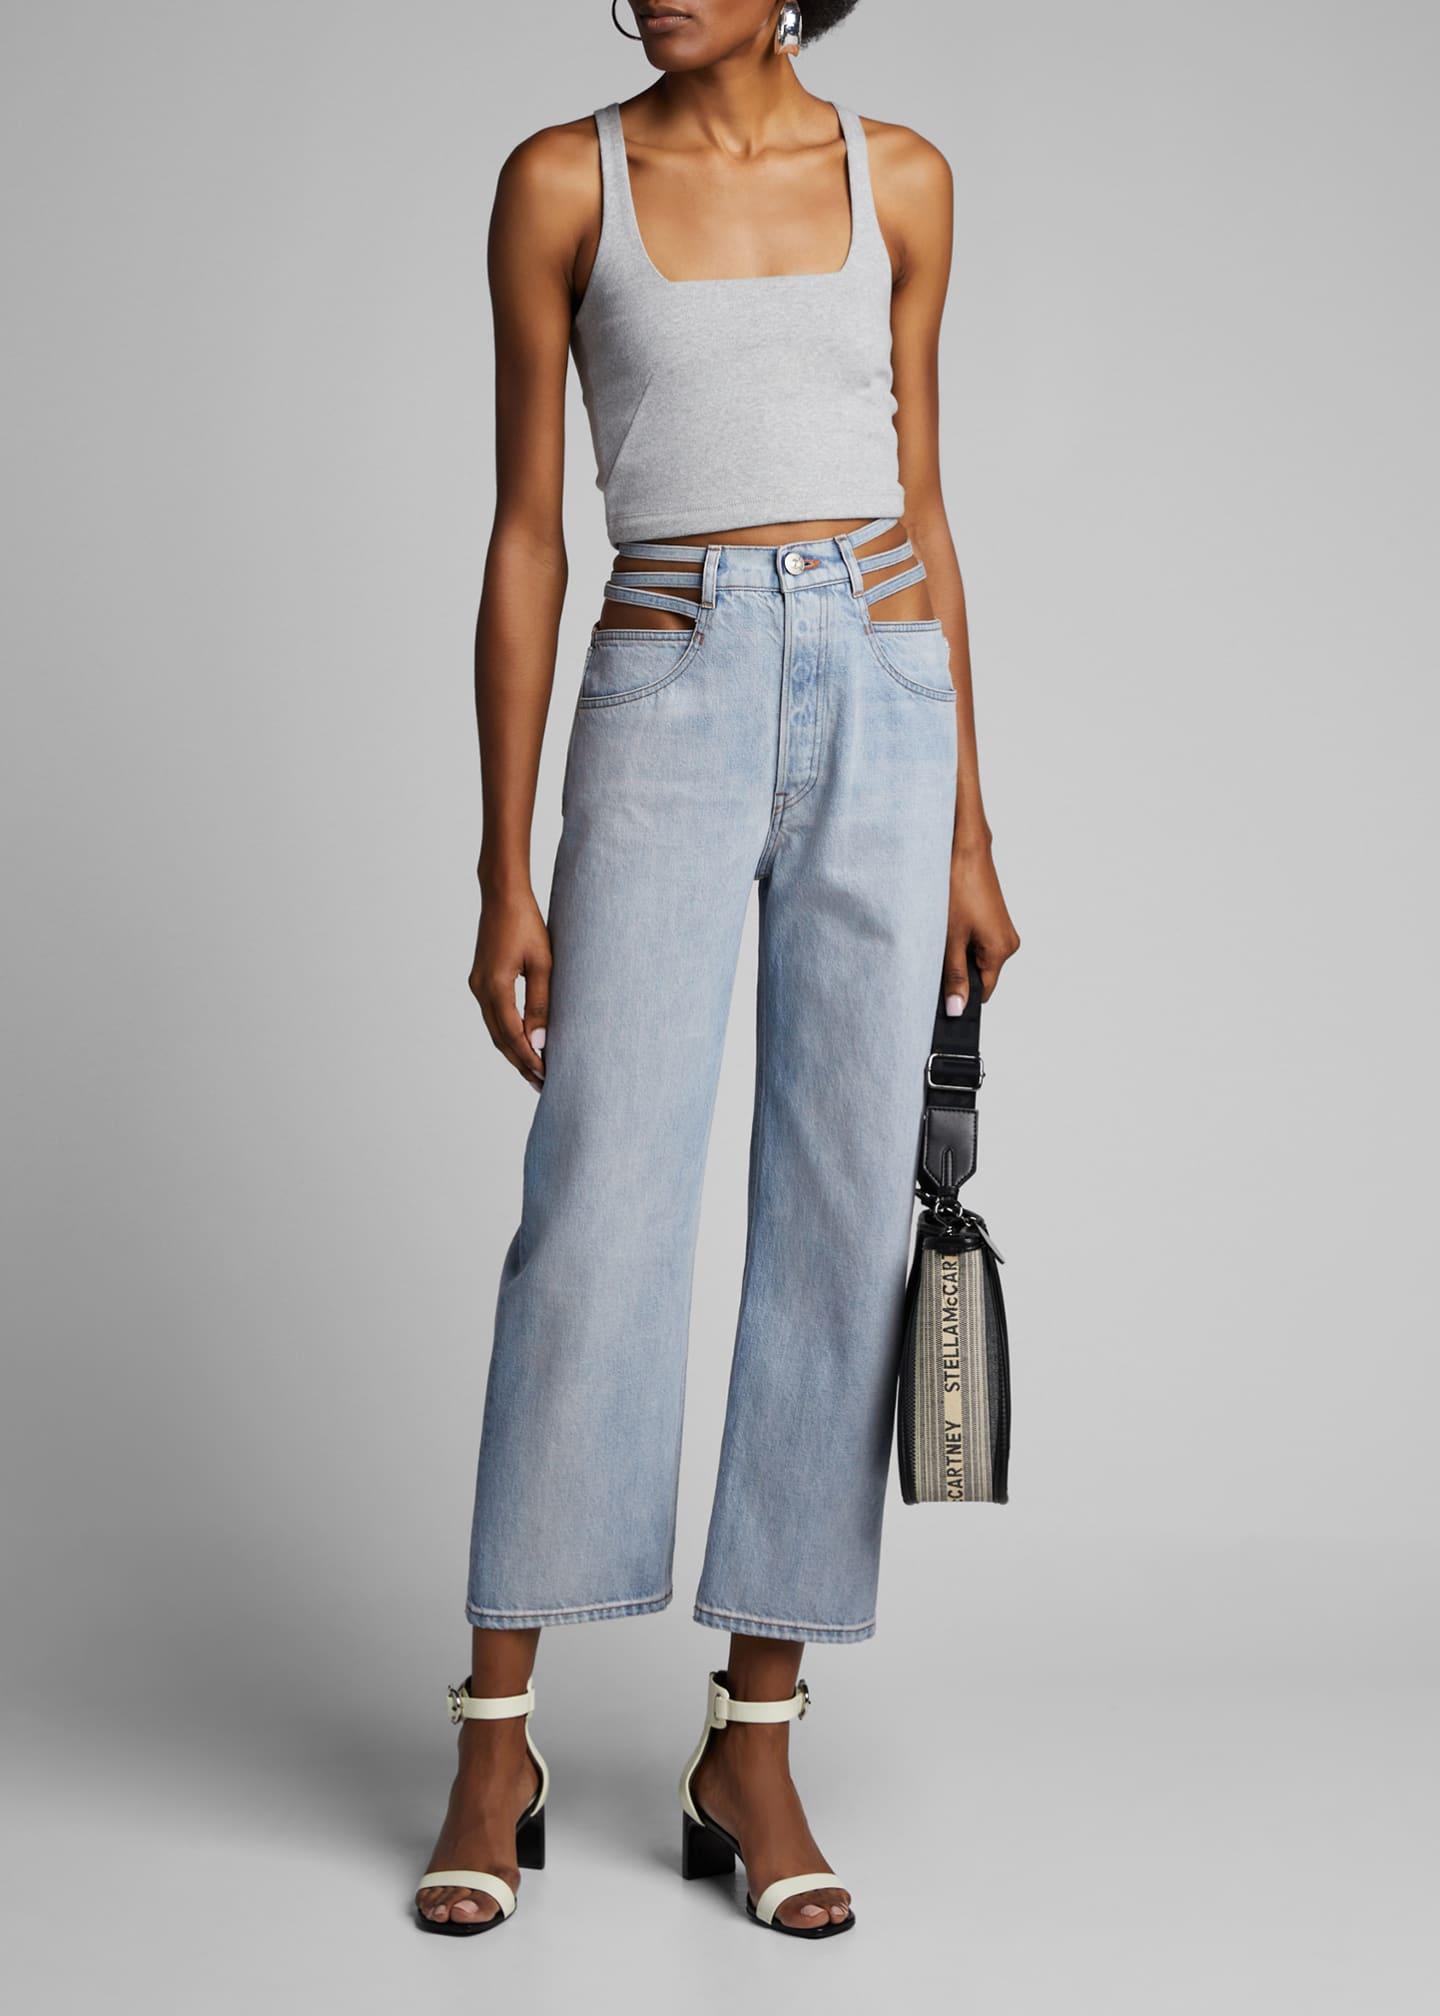 3x1 Willow Waist-Cutout Wide-Leg Jeans